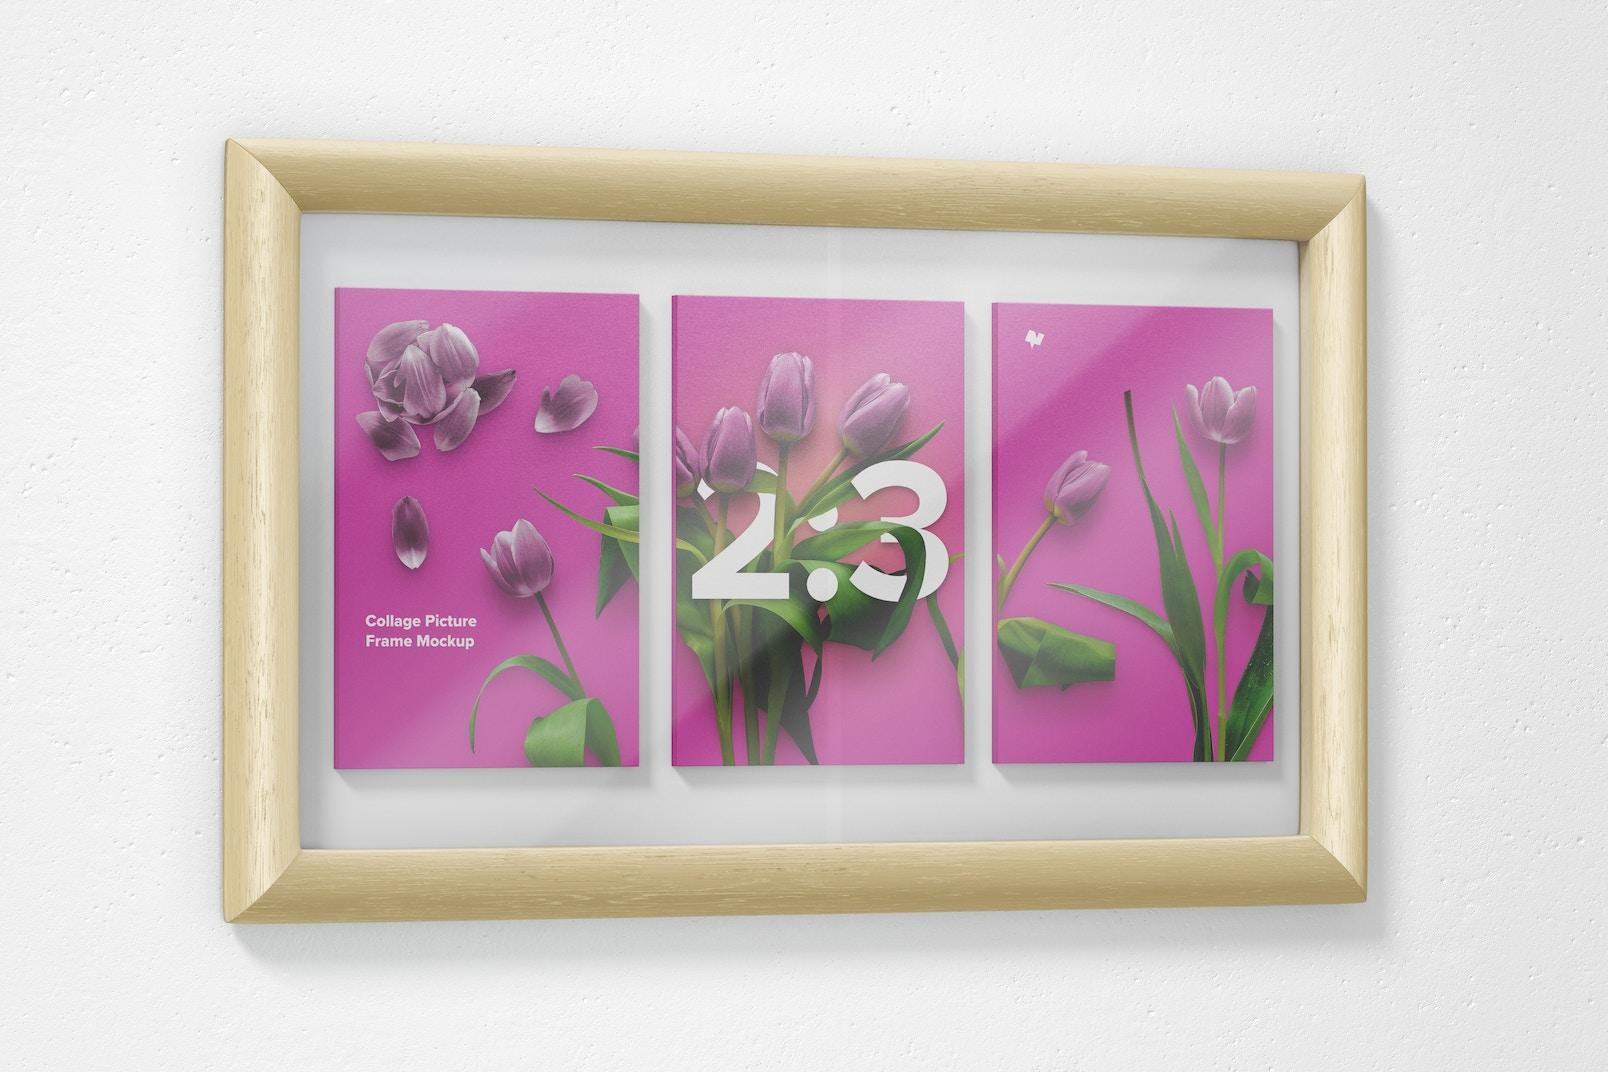 Maqueta de Marco de Foto para Collage 2:3, Vista Izquierda